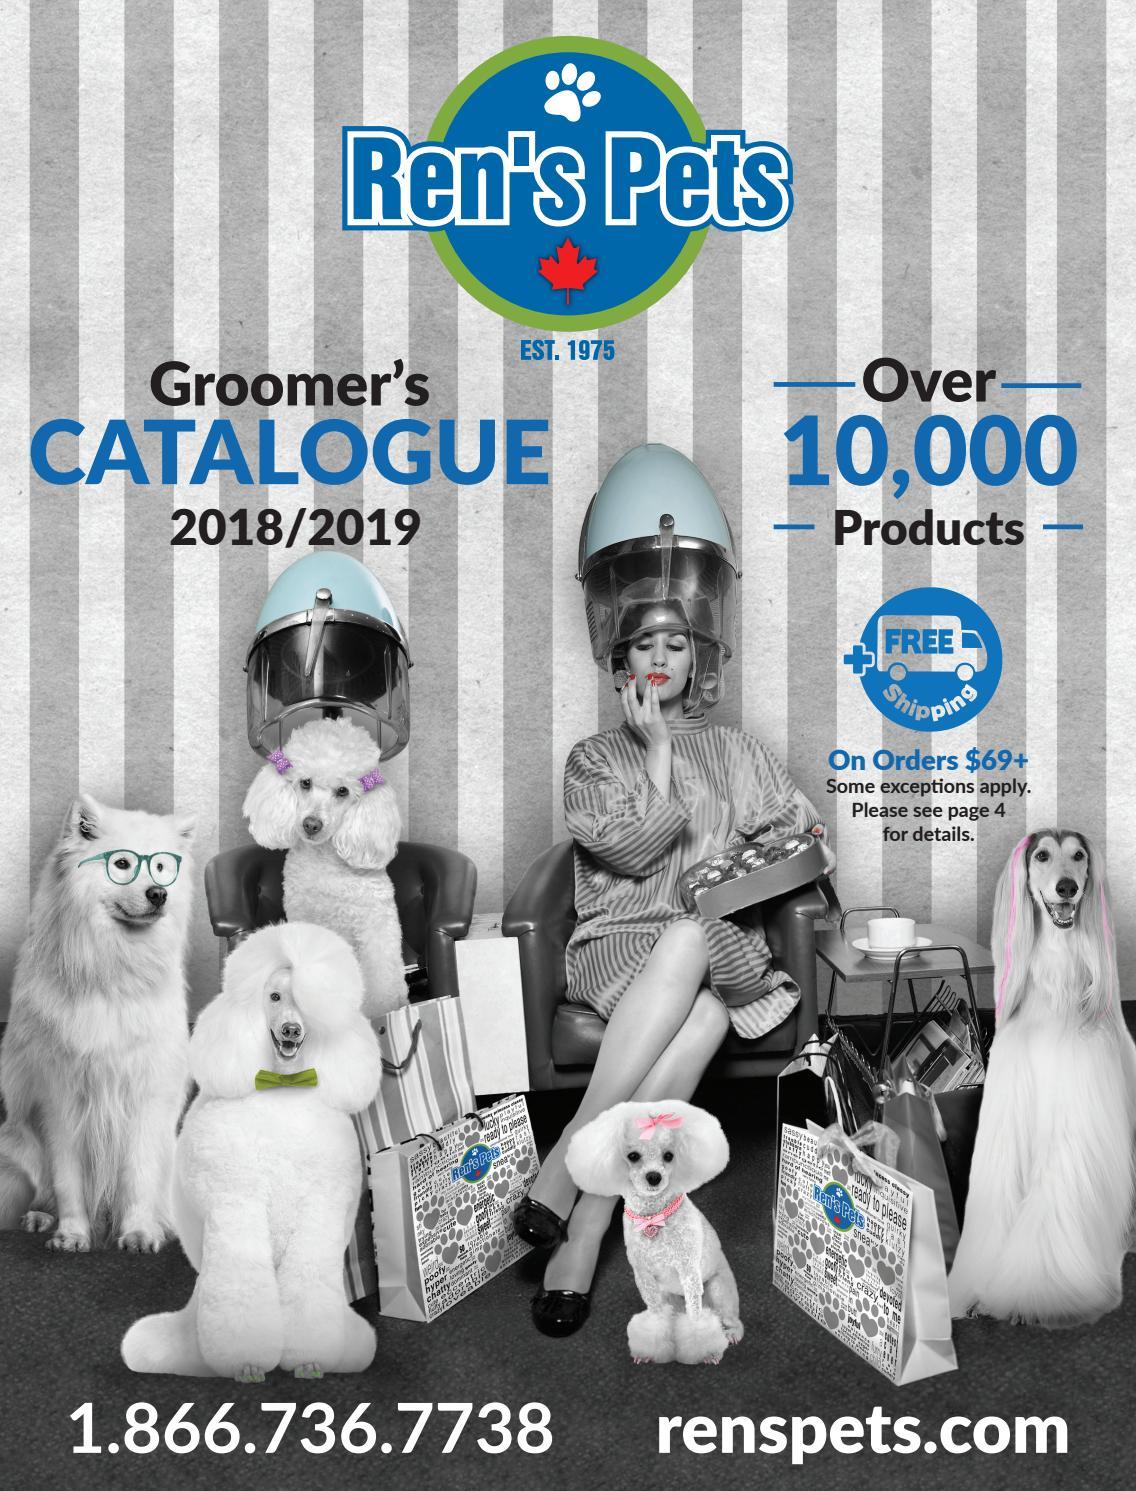 7cfe9556ba9 Ren's Pets Catalogue by Ren's Pets Depot - issuu